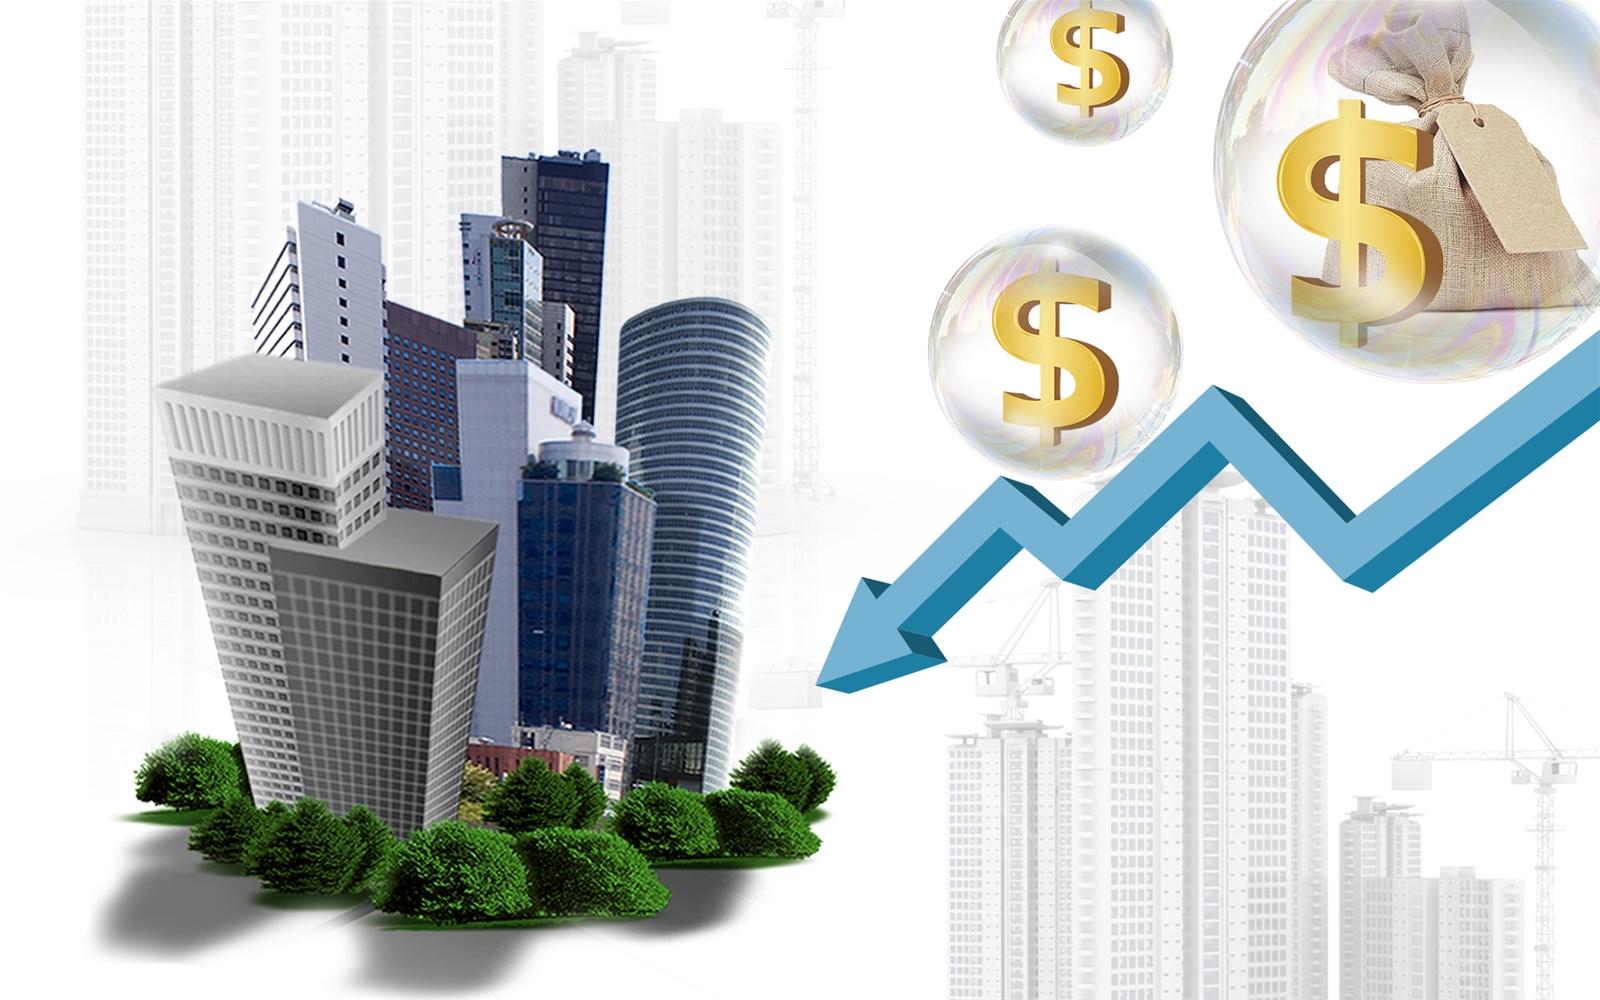 Các kênh huy động vốn đều sôi động, thị trường bất động sản khỏi lo thiếu vốn.